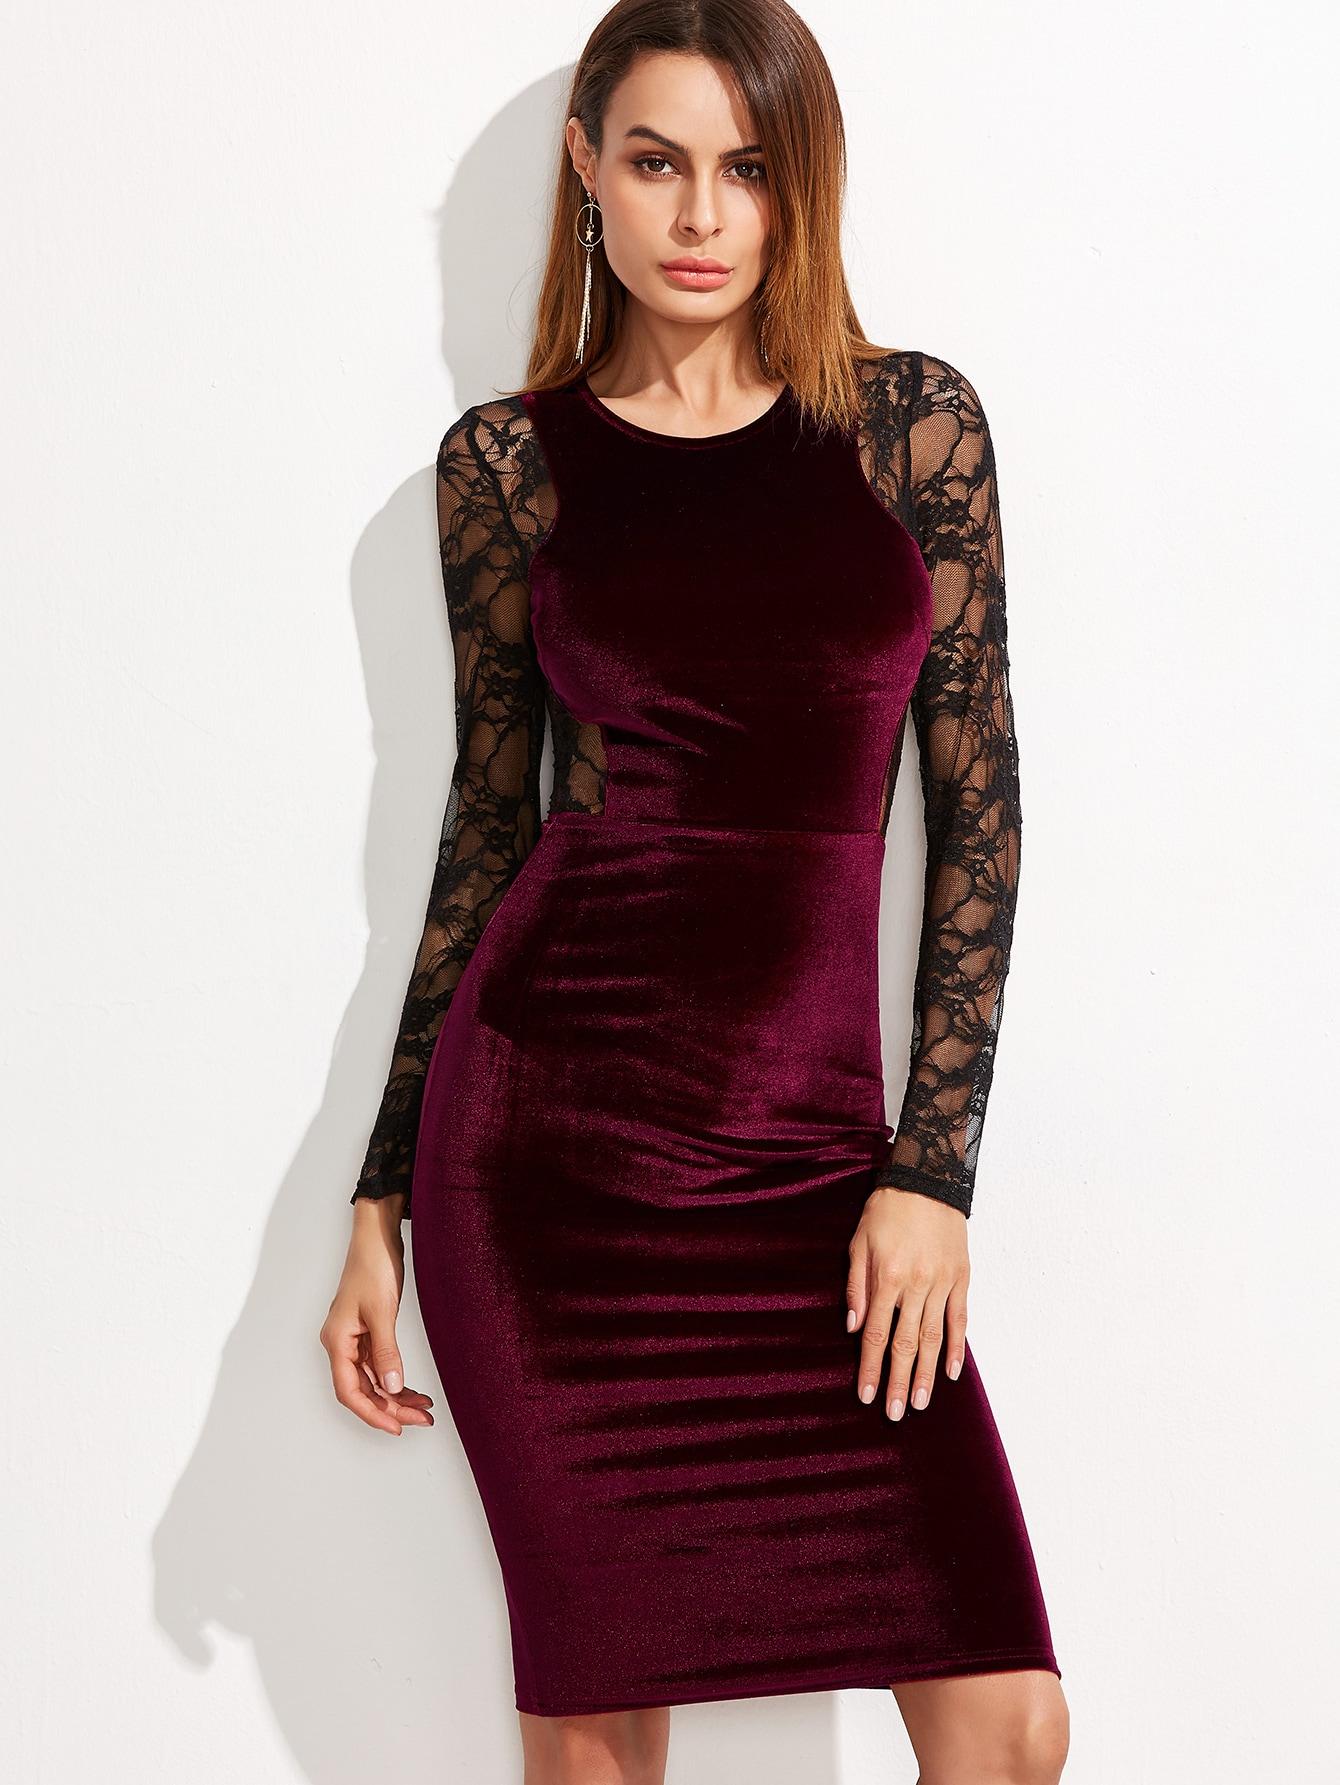 dress161202727_2